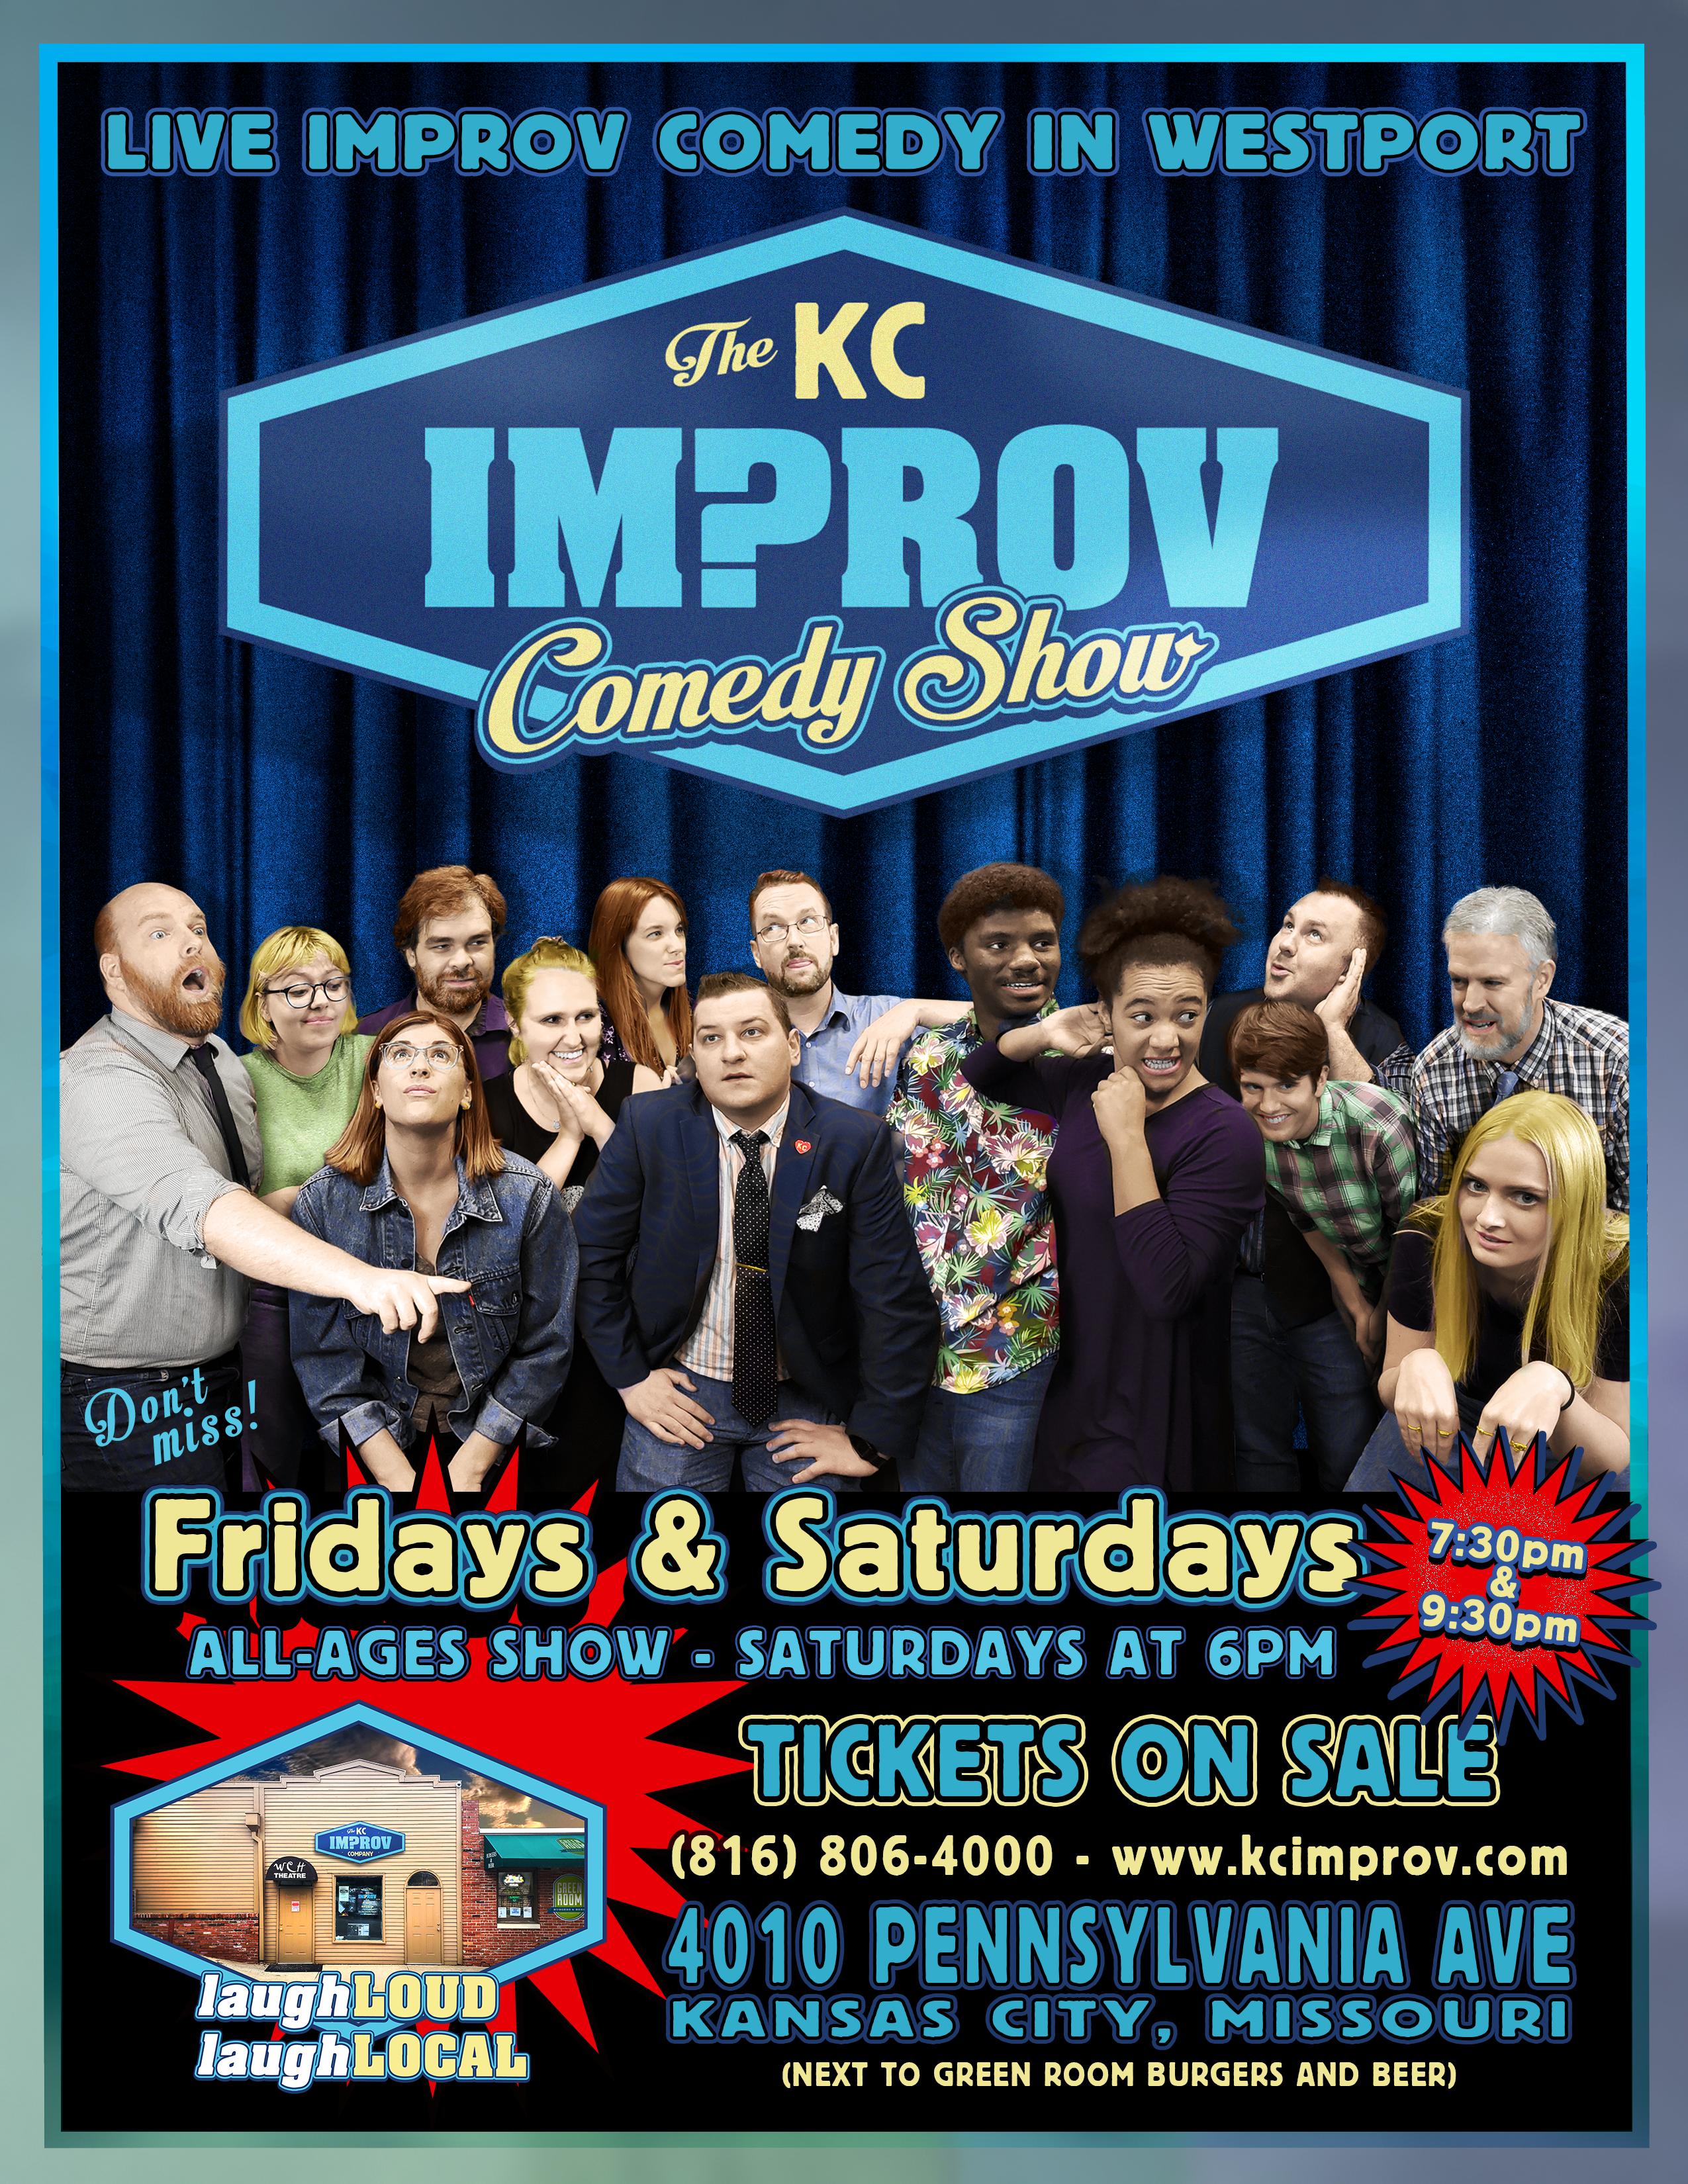 kc improv comedy show poster